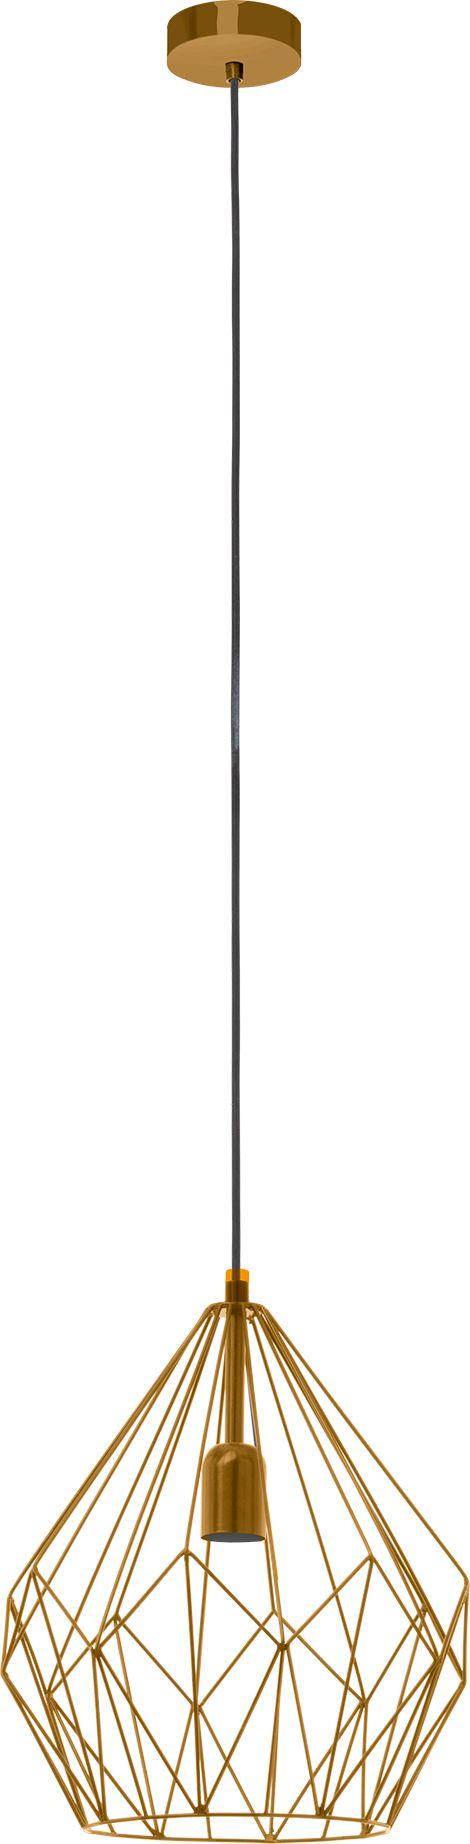 Eglo lampa wisząca Carlton 49934 - SUPER OFERTA - RABAT w koszyku